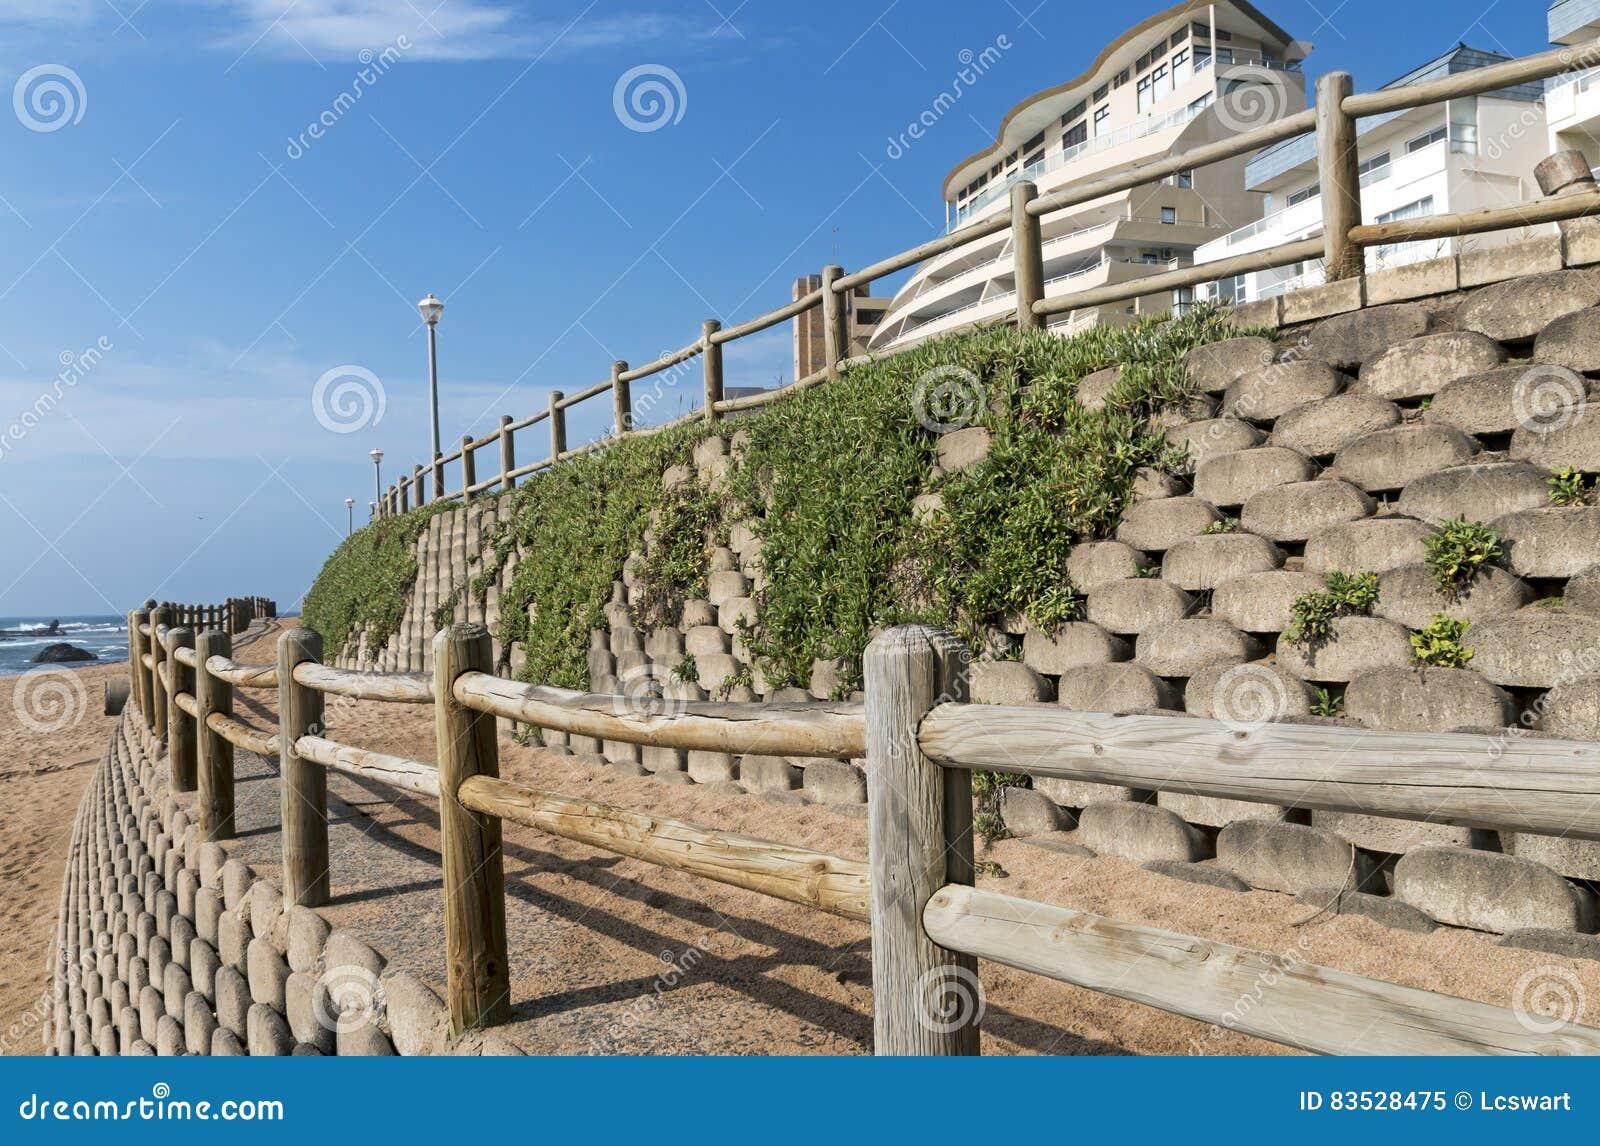 Muro de contenci n y barrera de madera en la playa vac a - Muro de madera ...